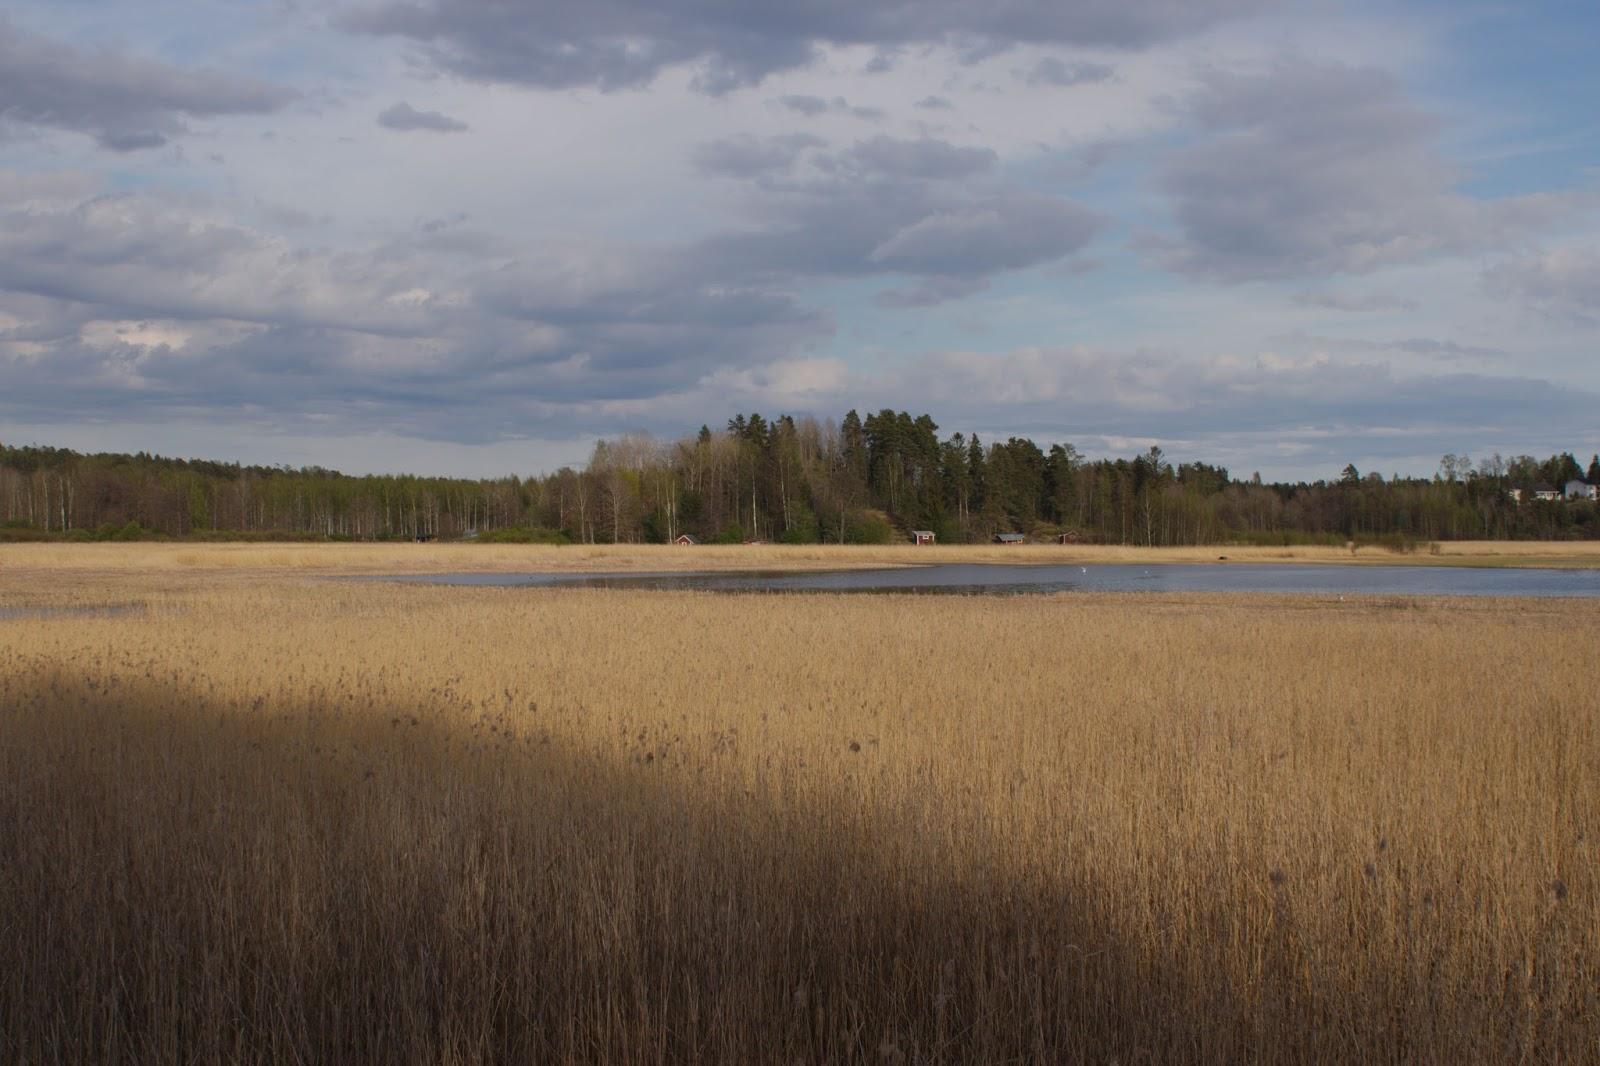 Fiskarsinmäki, Espoonlahden luonnonsuojelualue